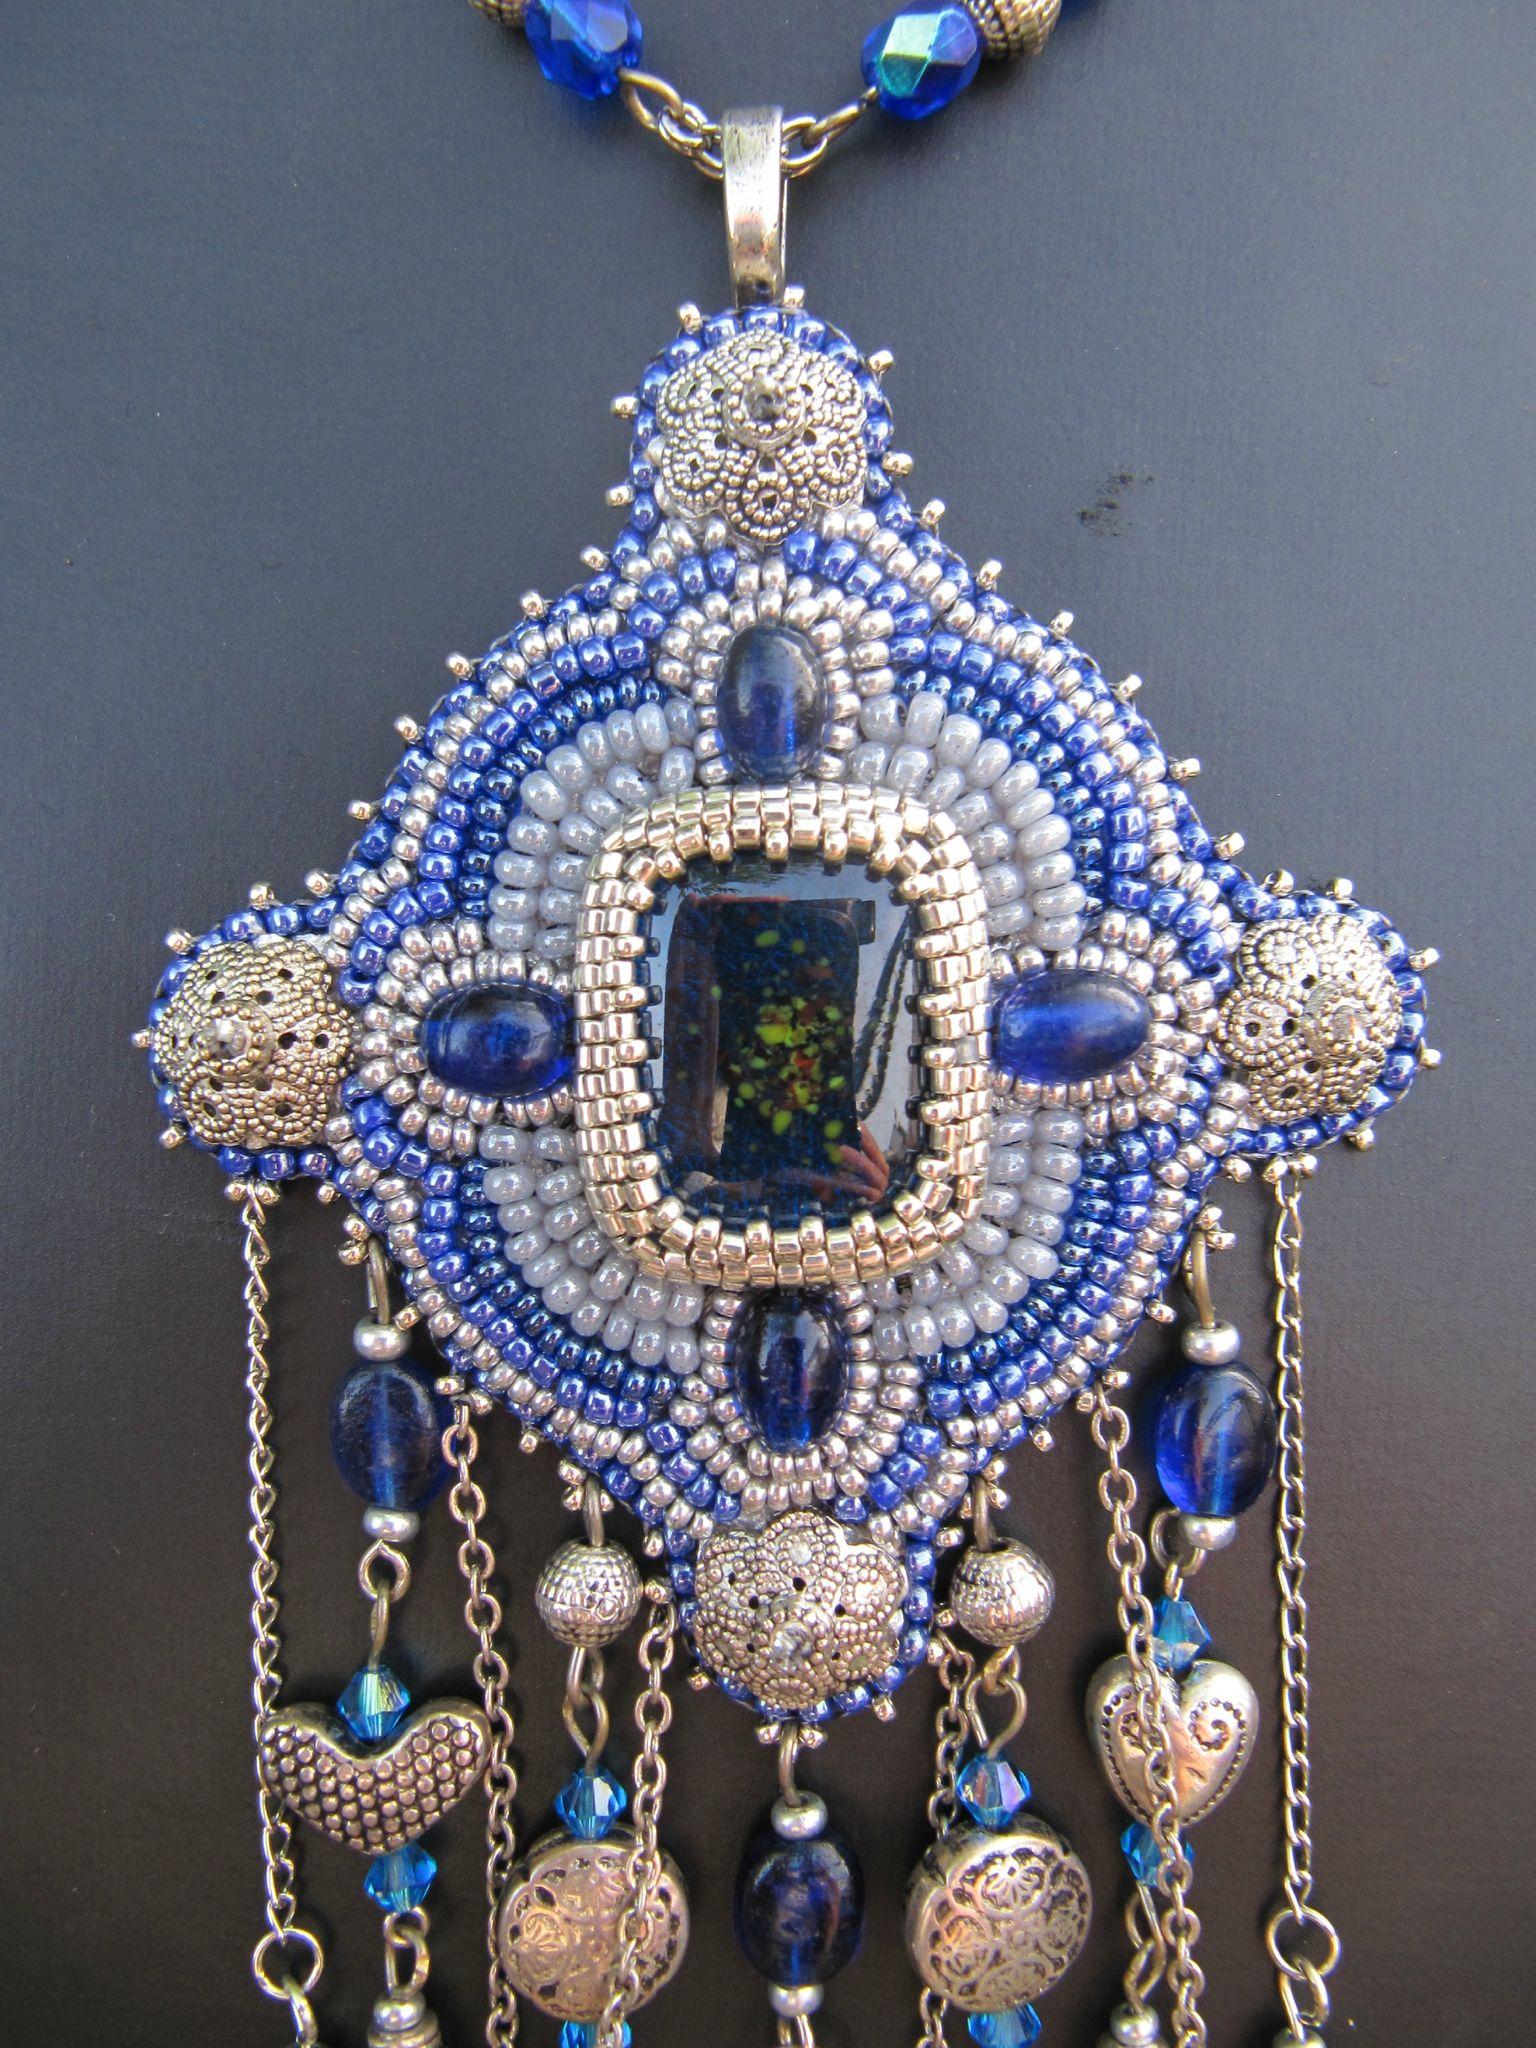 Collier long brodé bleu/argent -pièce unique